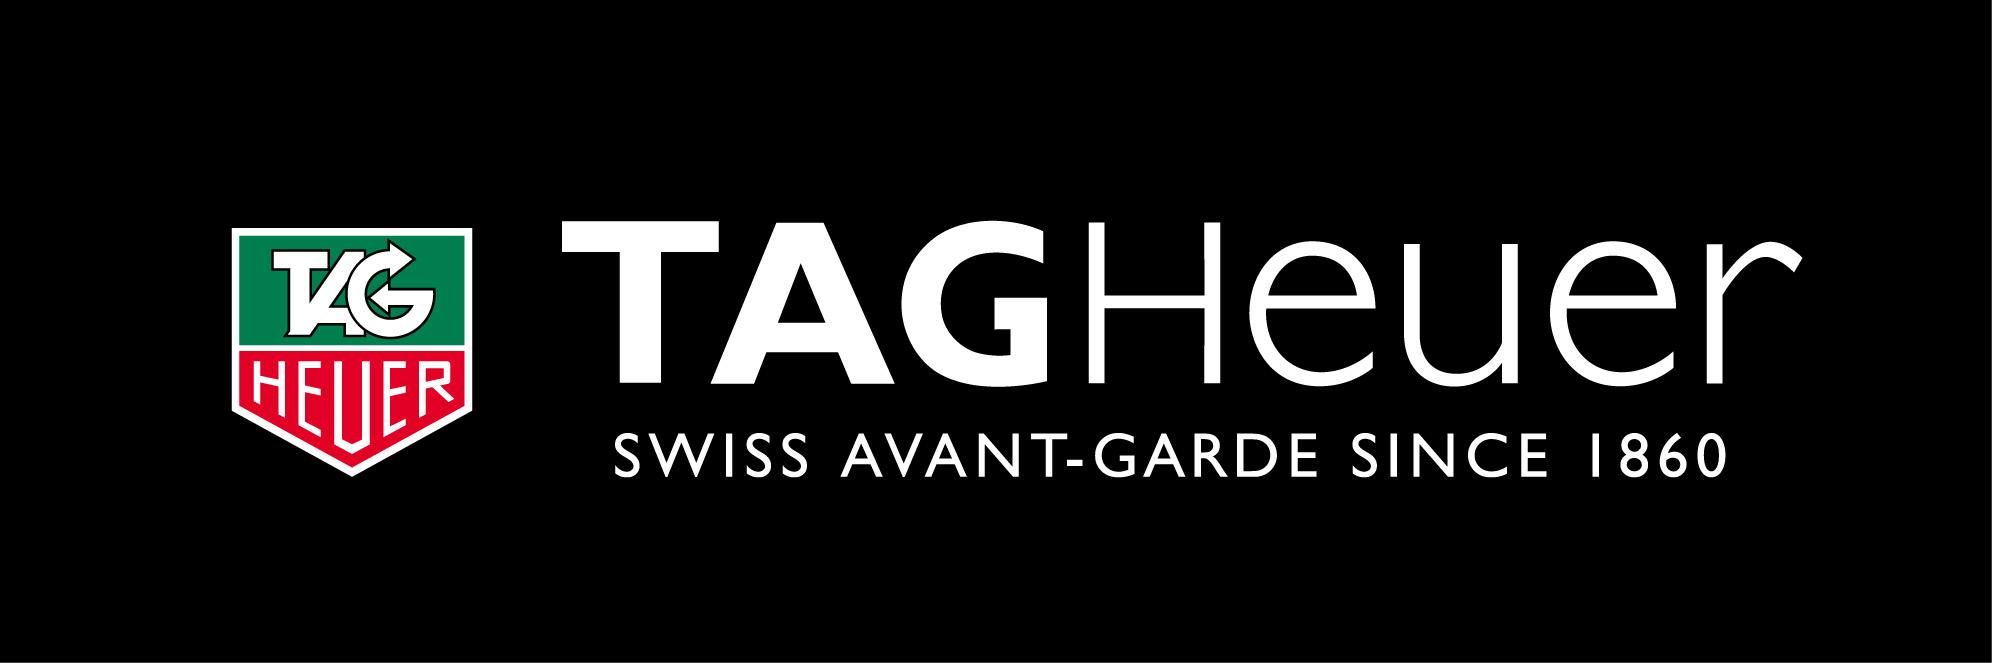 Tag Heuer va aussi proposer une montre connectée en 2015